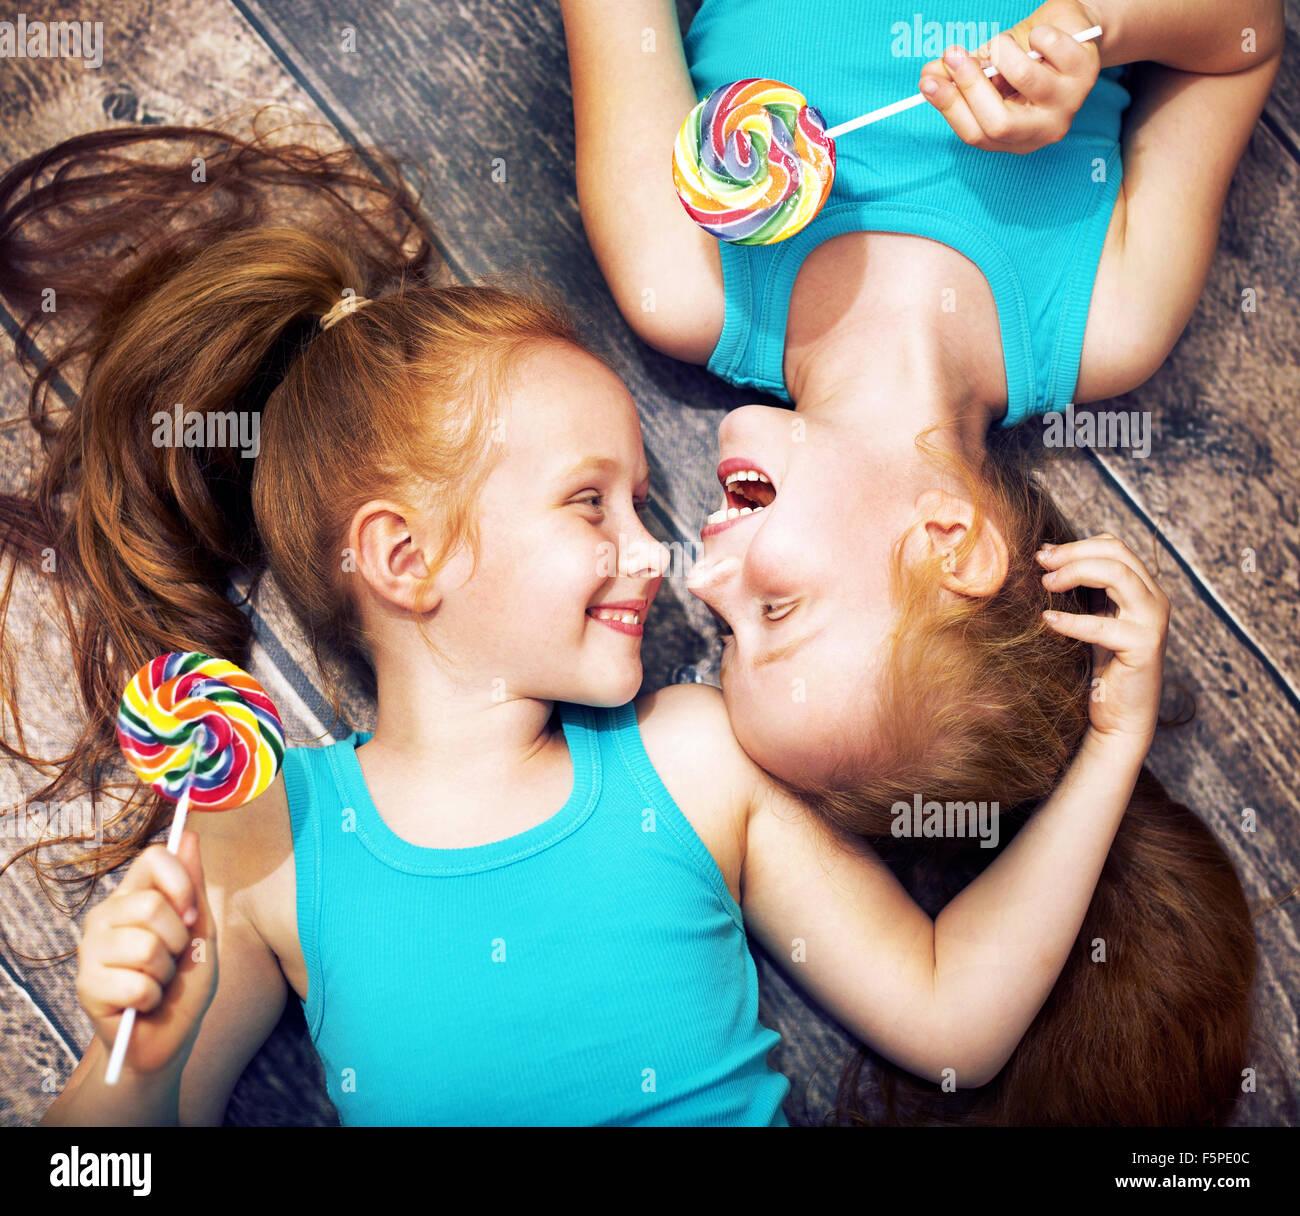 Feinen Porträt des einen Zwillings-Schwestern halten bunte Lutscher Stockbild